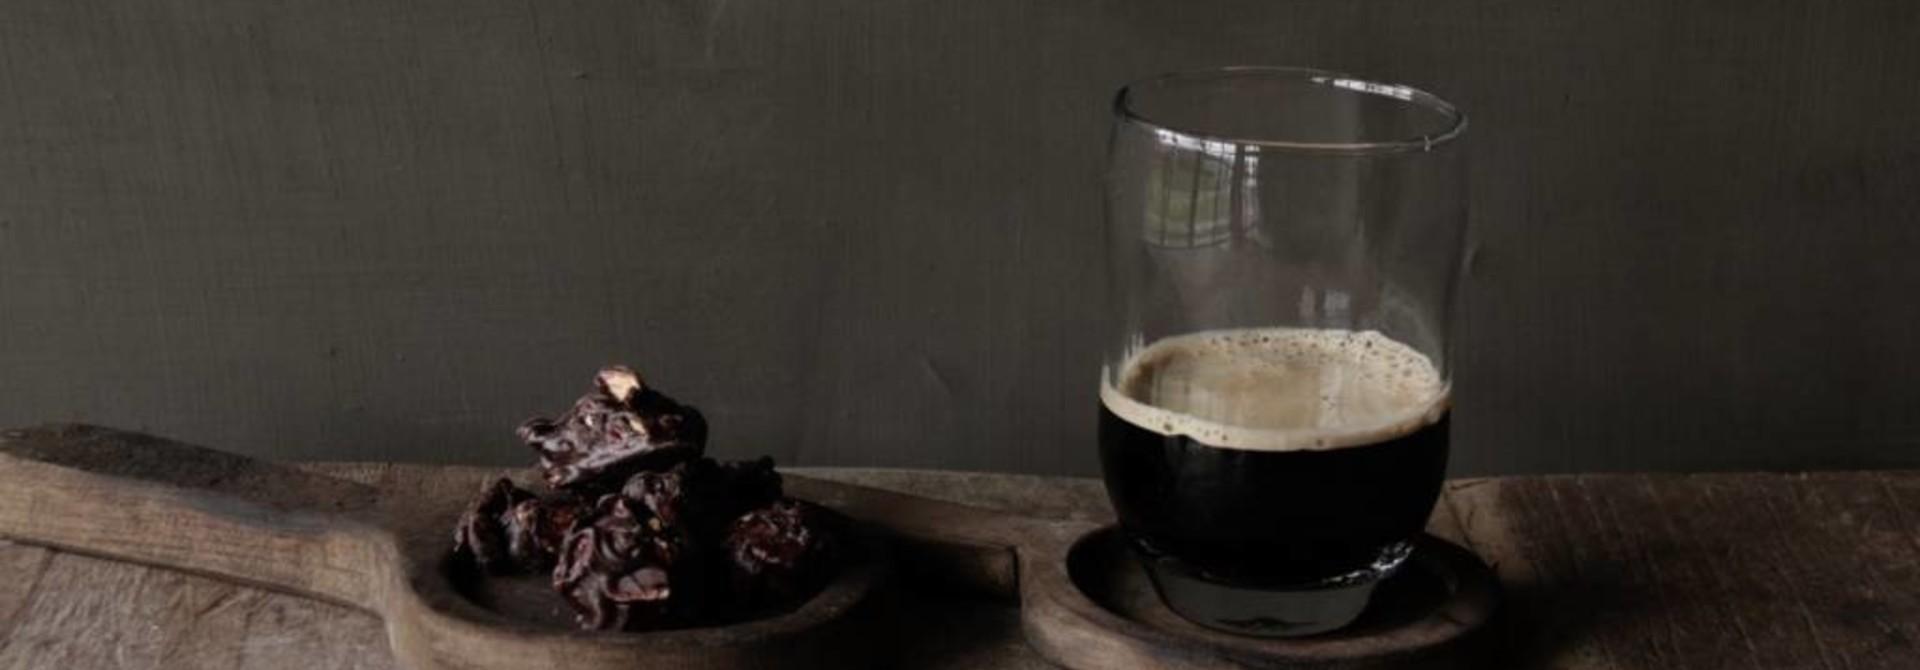 Helder drinkglas met deuk PTMD